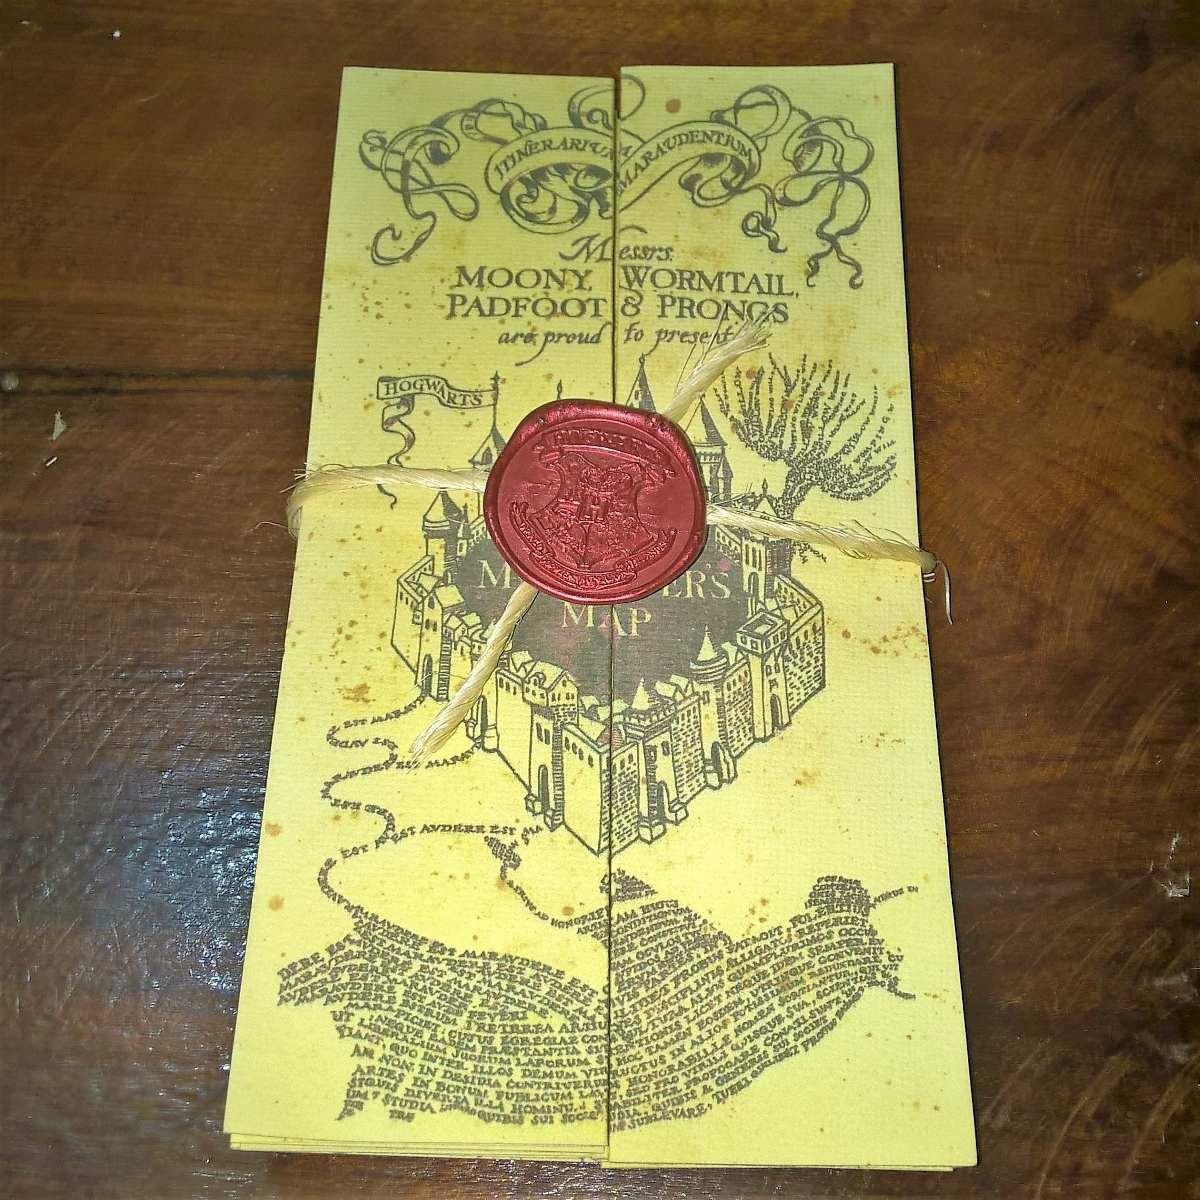 Mapa Do Maroto Artesanal Original Em Ingl u00eas, Harry Potter R$ 39,00 em Mercado Livre